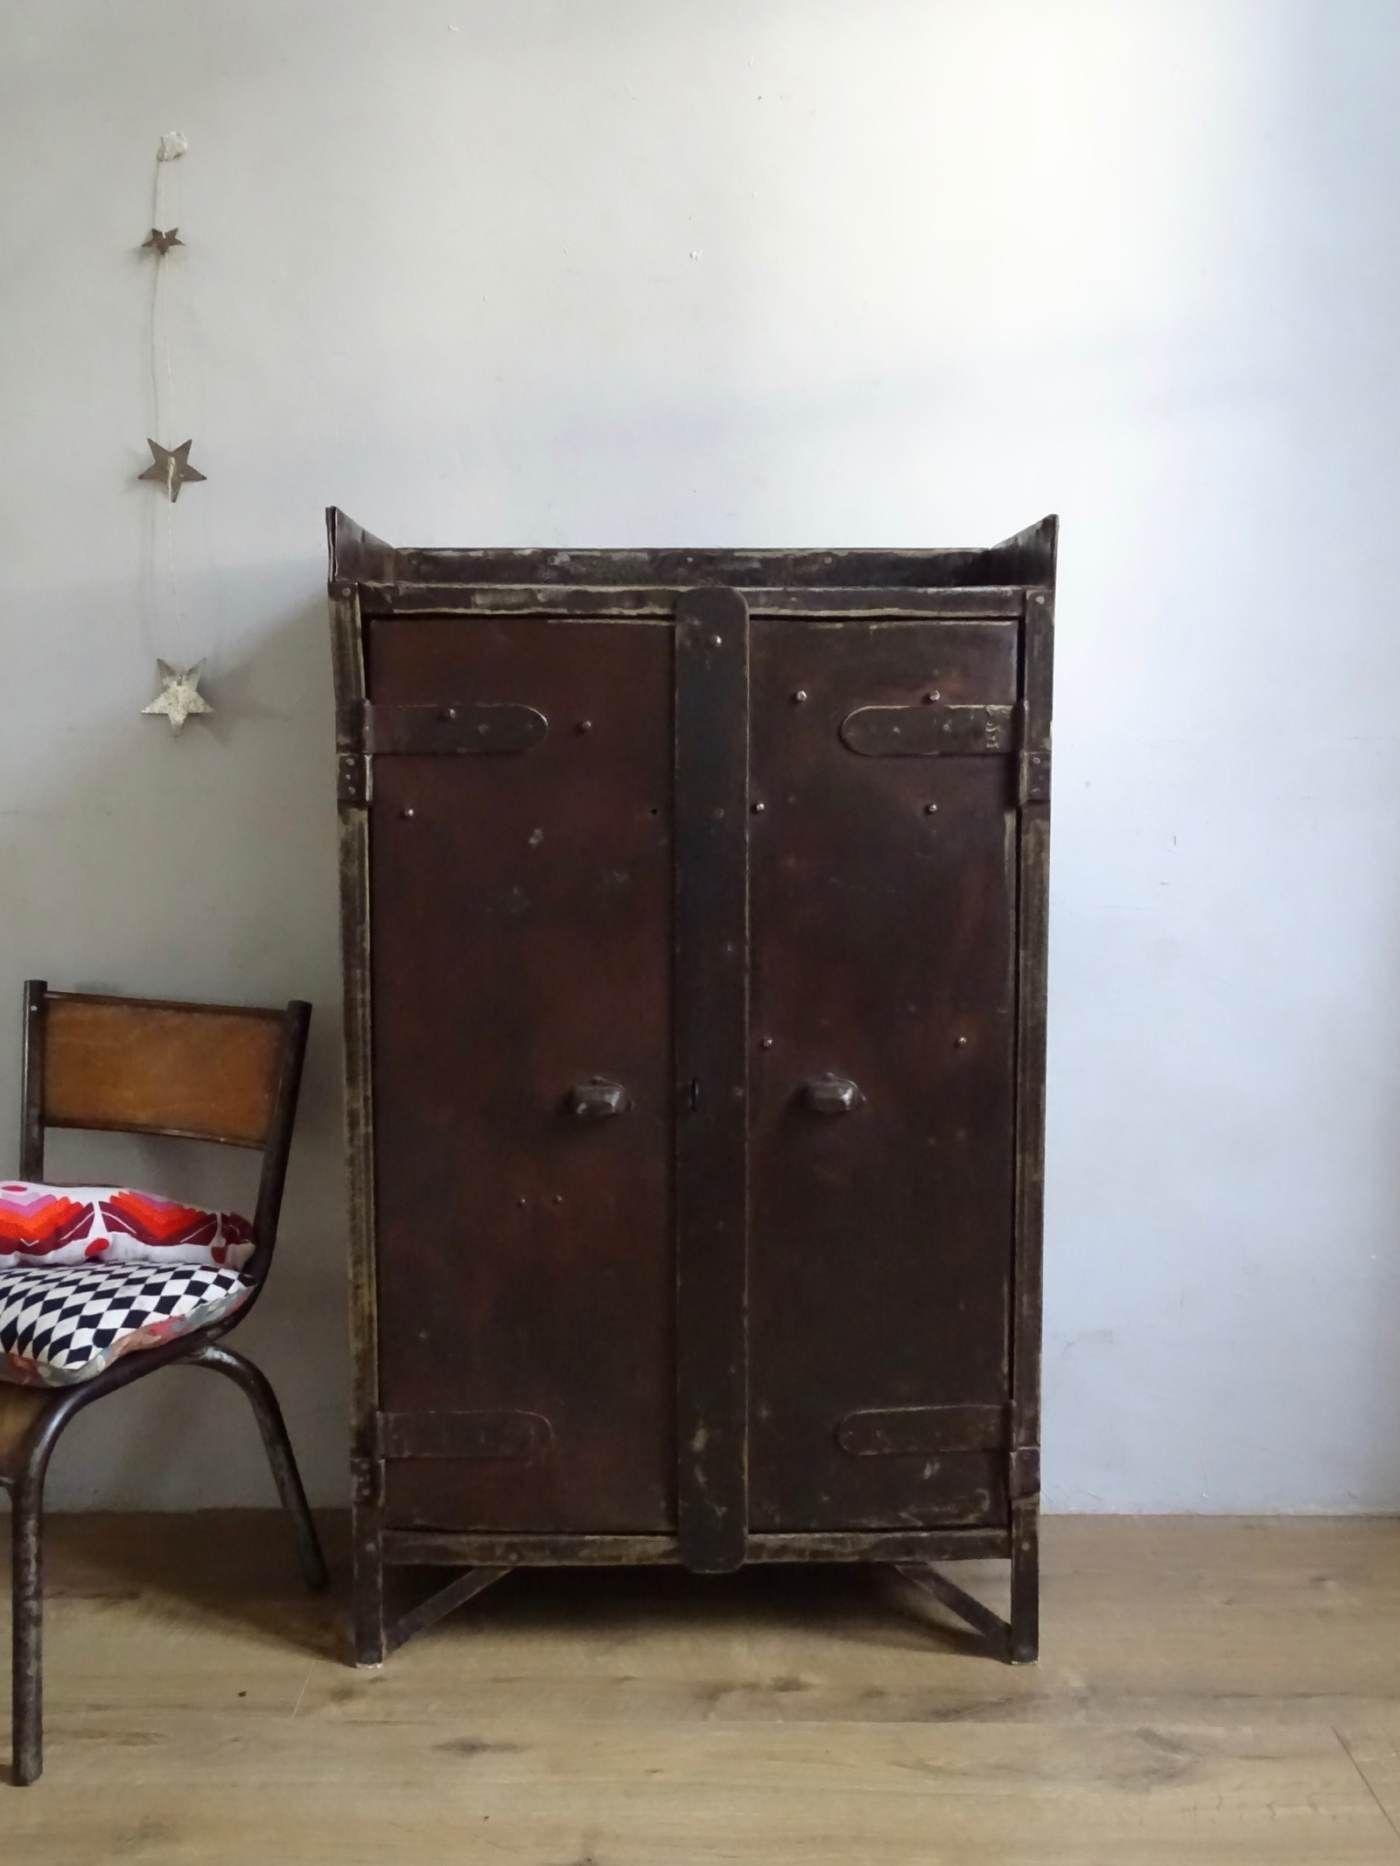 armoire industrielle meubles d ateleir mobilier www cestvintage com petite meuble de metier gray makeup vanity with mirror